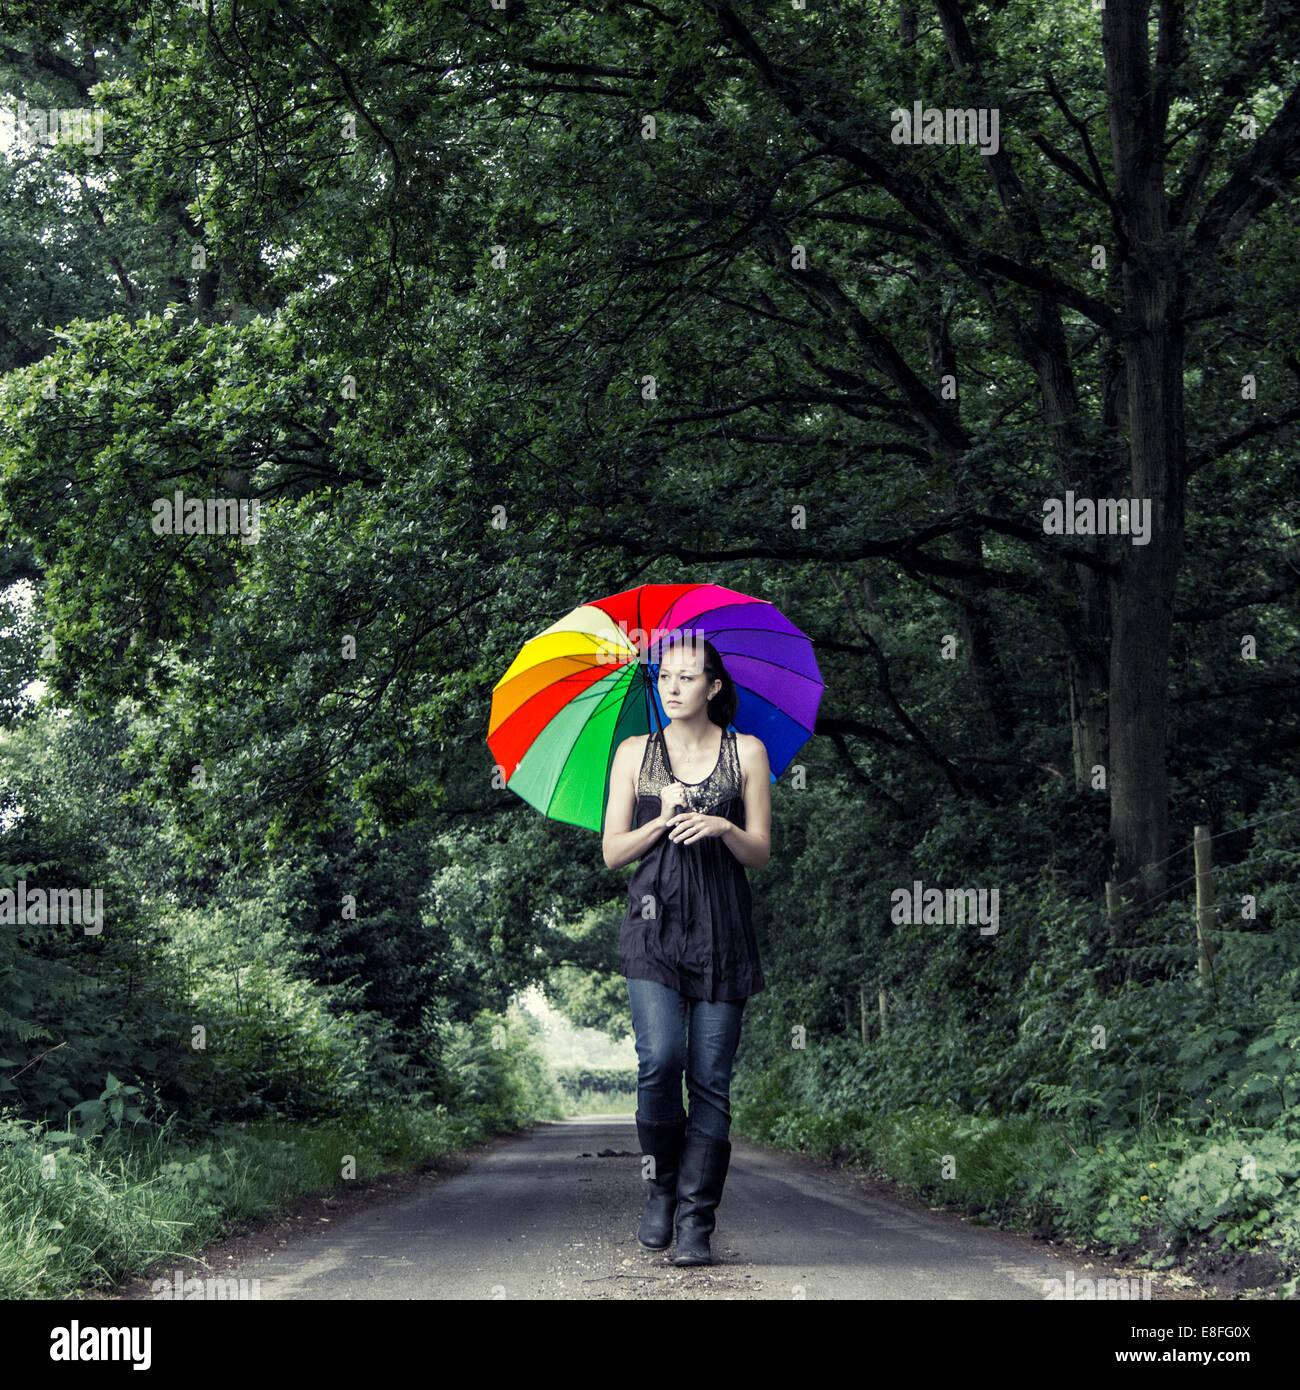 Donna camminare per strada con multi-ombrello colorato Immagini Stock